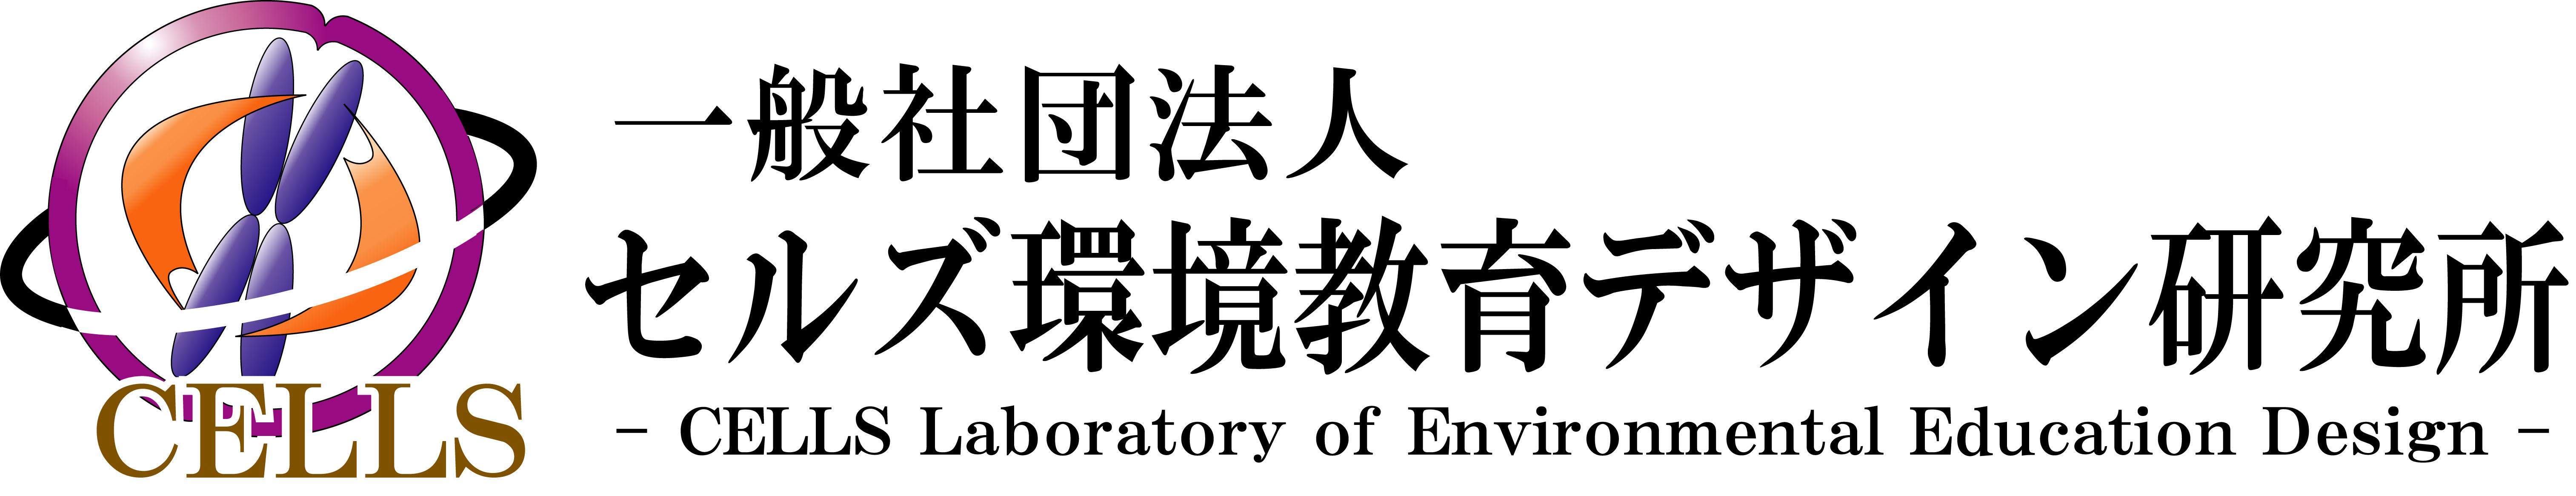 一般社団法人セルズ環境教育デザイン研究所